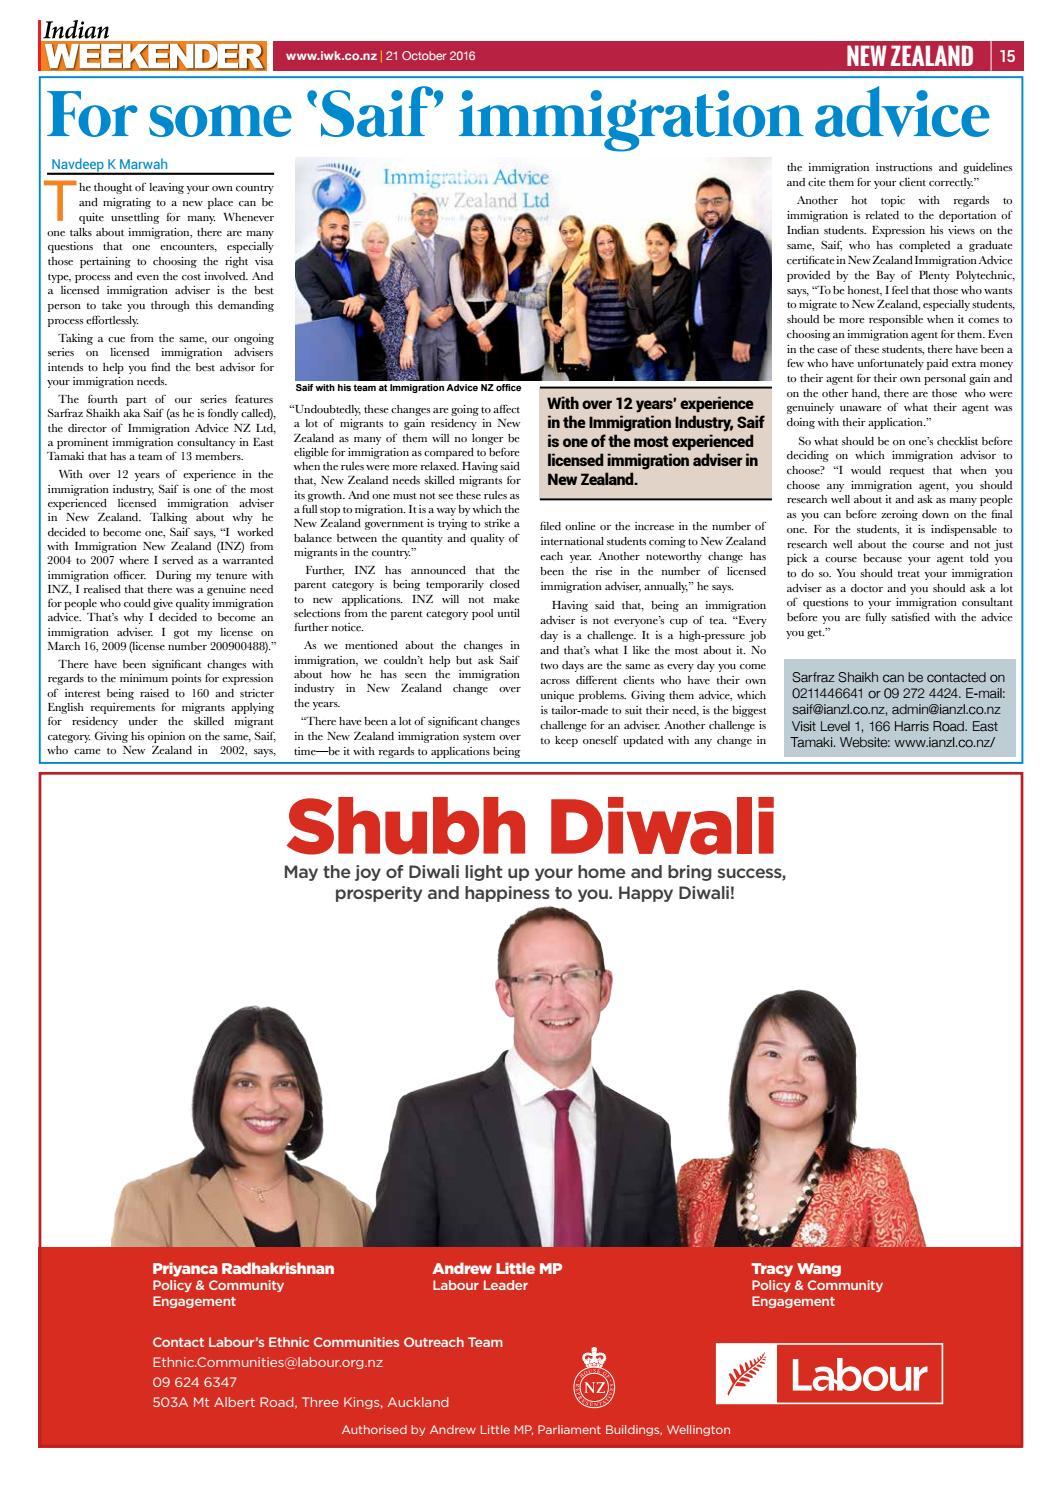 Indian Weekender 21 October 2016 by Indian Weekender - issuu